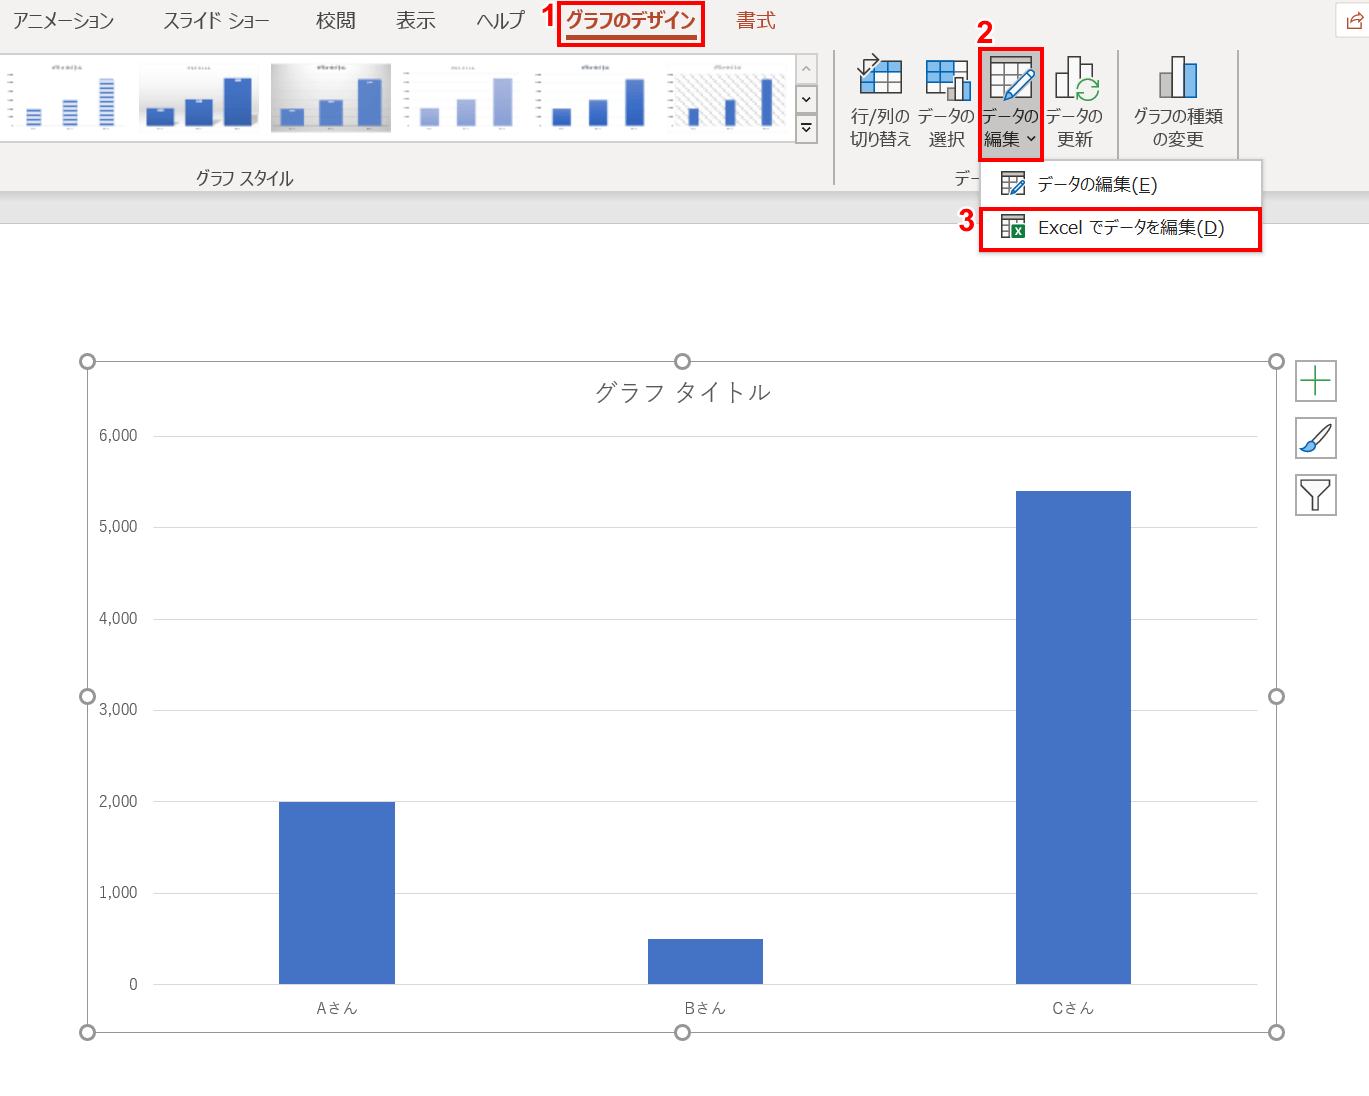 エクセルでデータを編集を選択